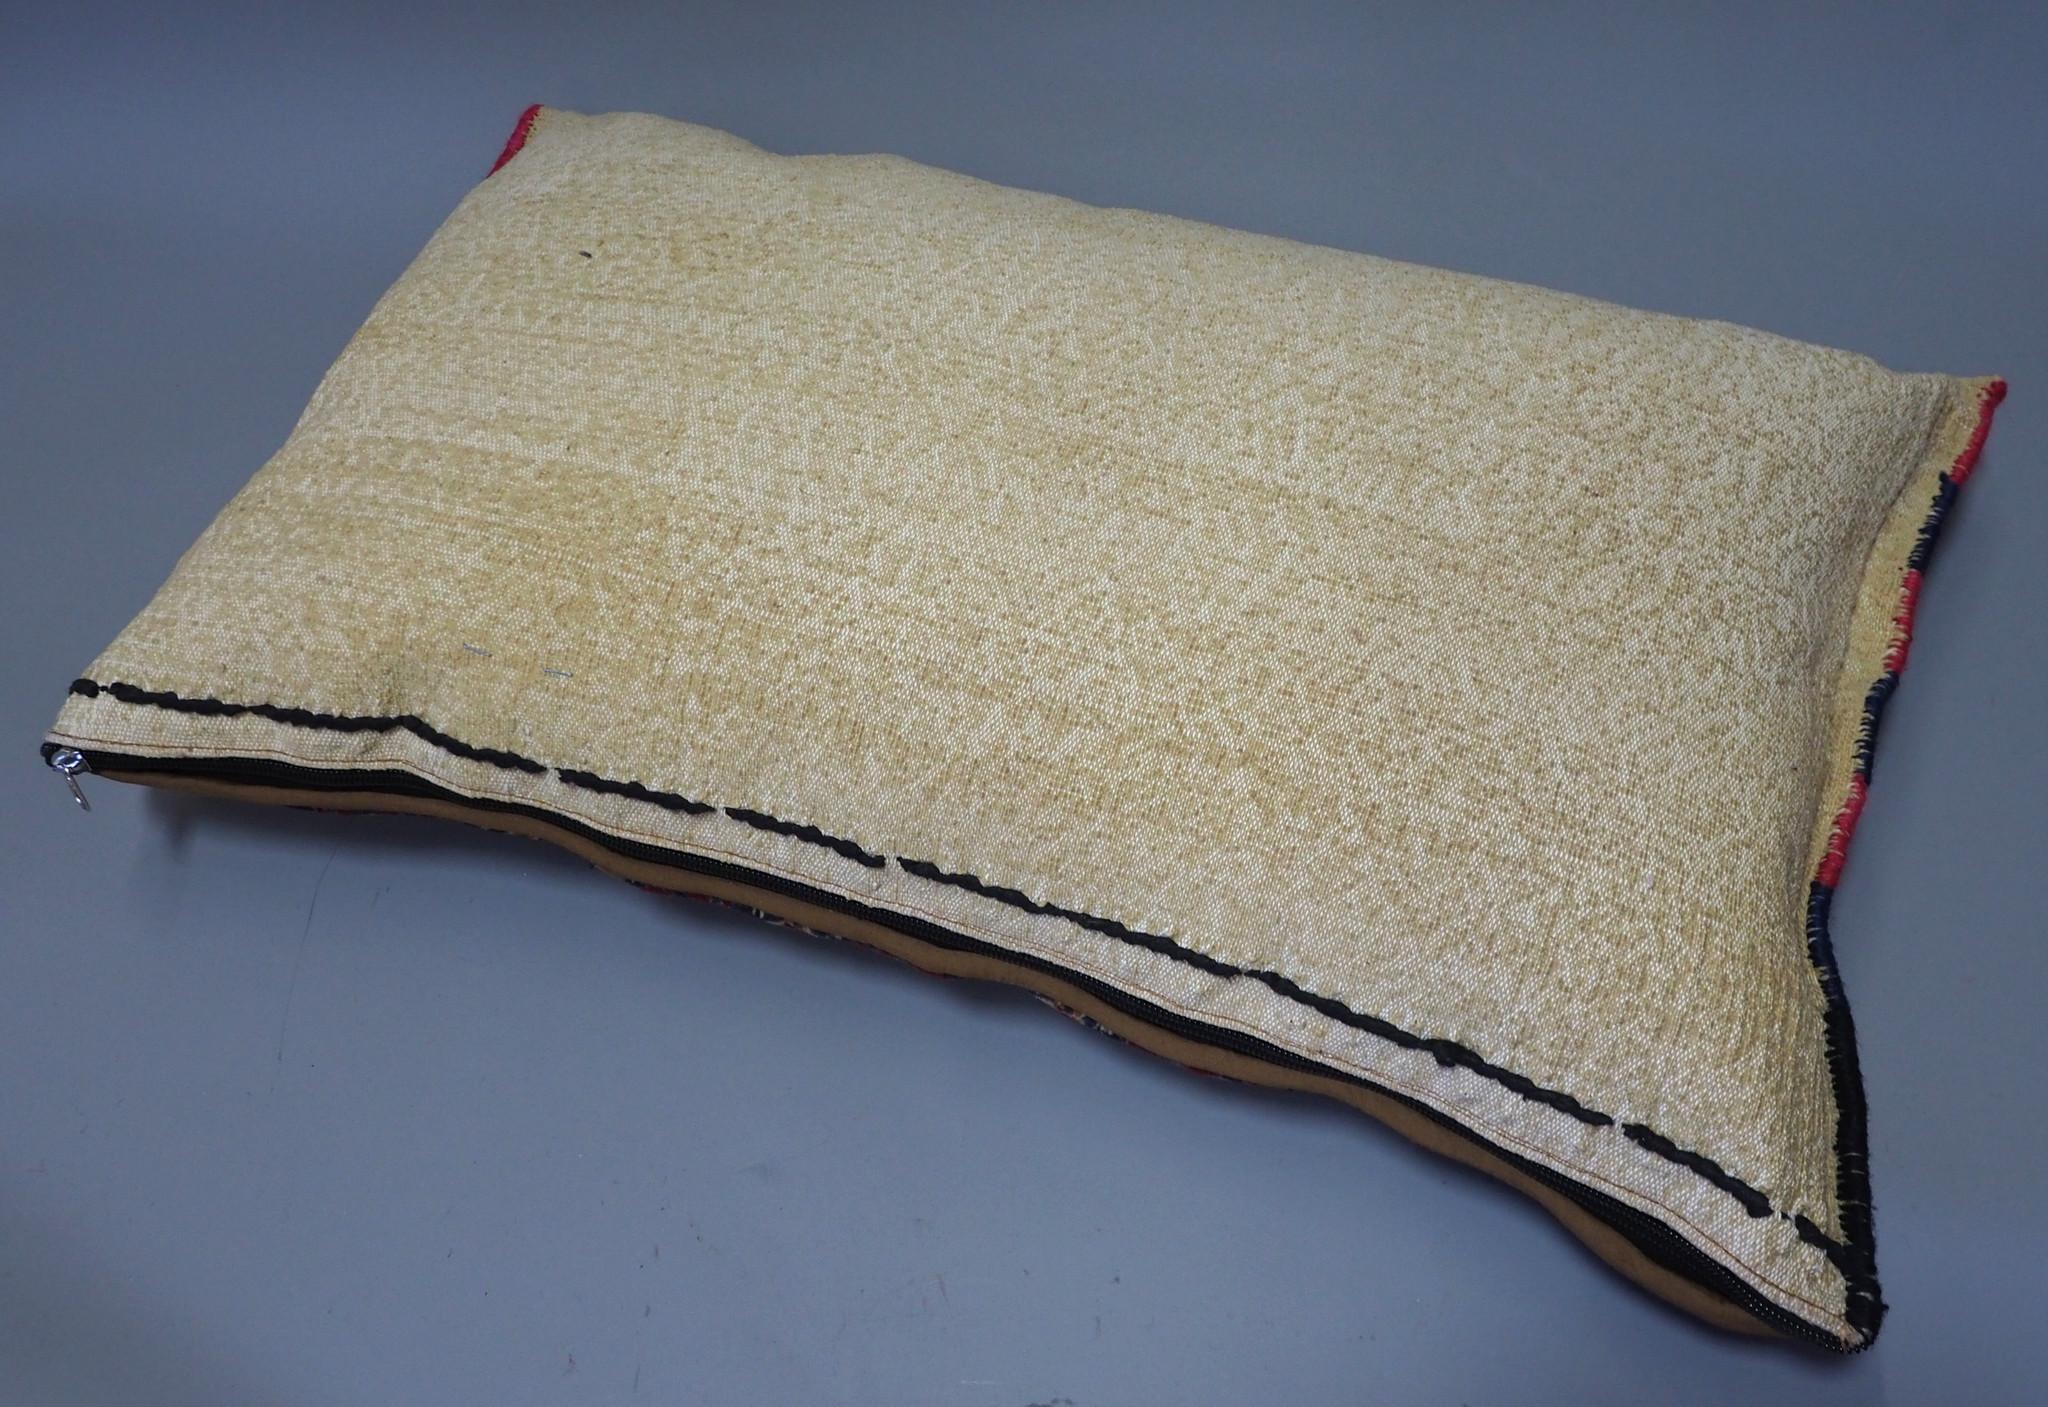 orient Afghan Tukmeische Teppich nomaden Handgeknüpft wollen Hochzeit Kissen sitzkissen bodenkissen cushion 1001-nacht aus Afghanistan BS/2